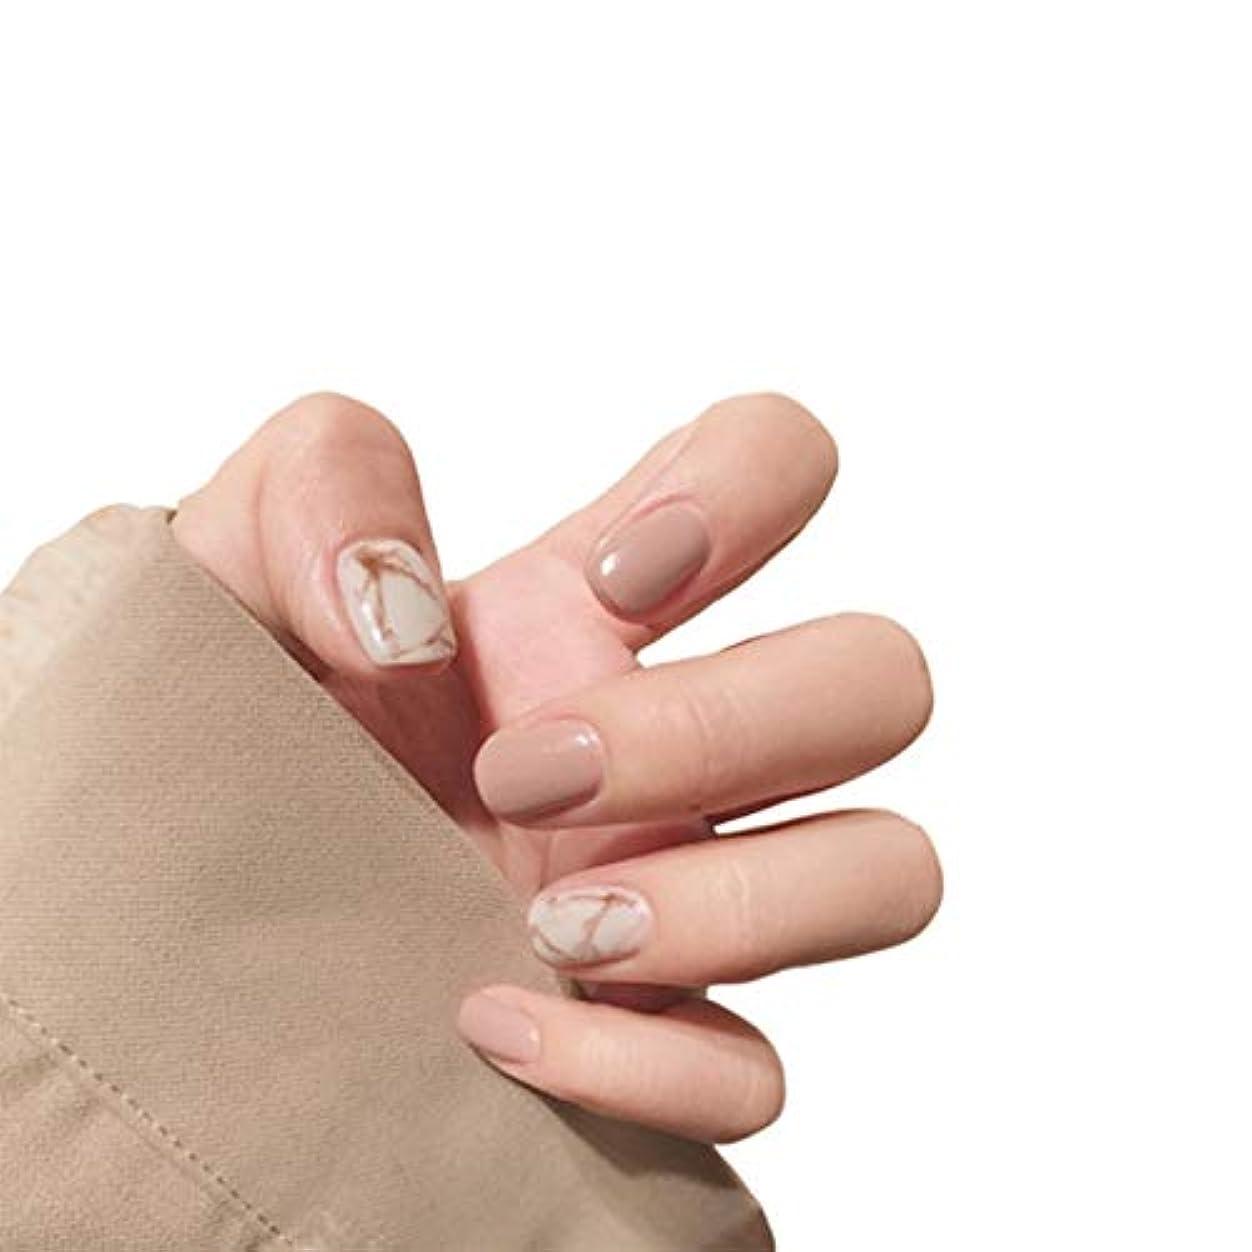 裁定推定する無関心VALEN Nail Patch ネイルチップ 手作りネイルチップ ネイルジュエリー つけ爪 24枚入 フルチップ シンプル 結婚式、パーティー、二次会などに ネイルアート